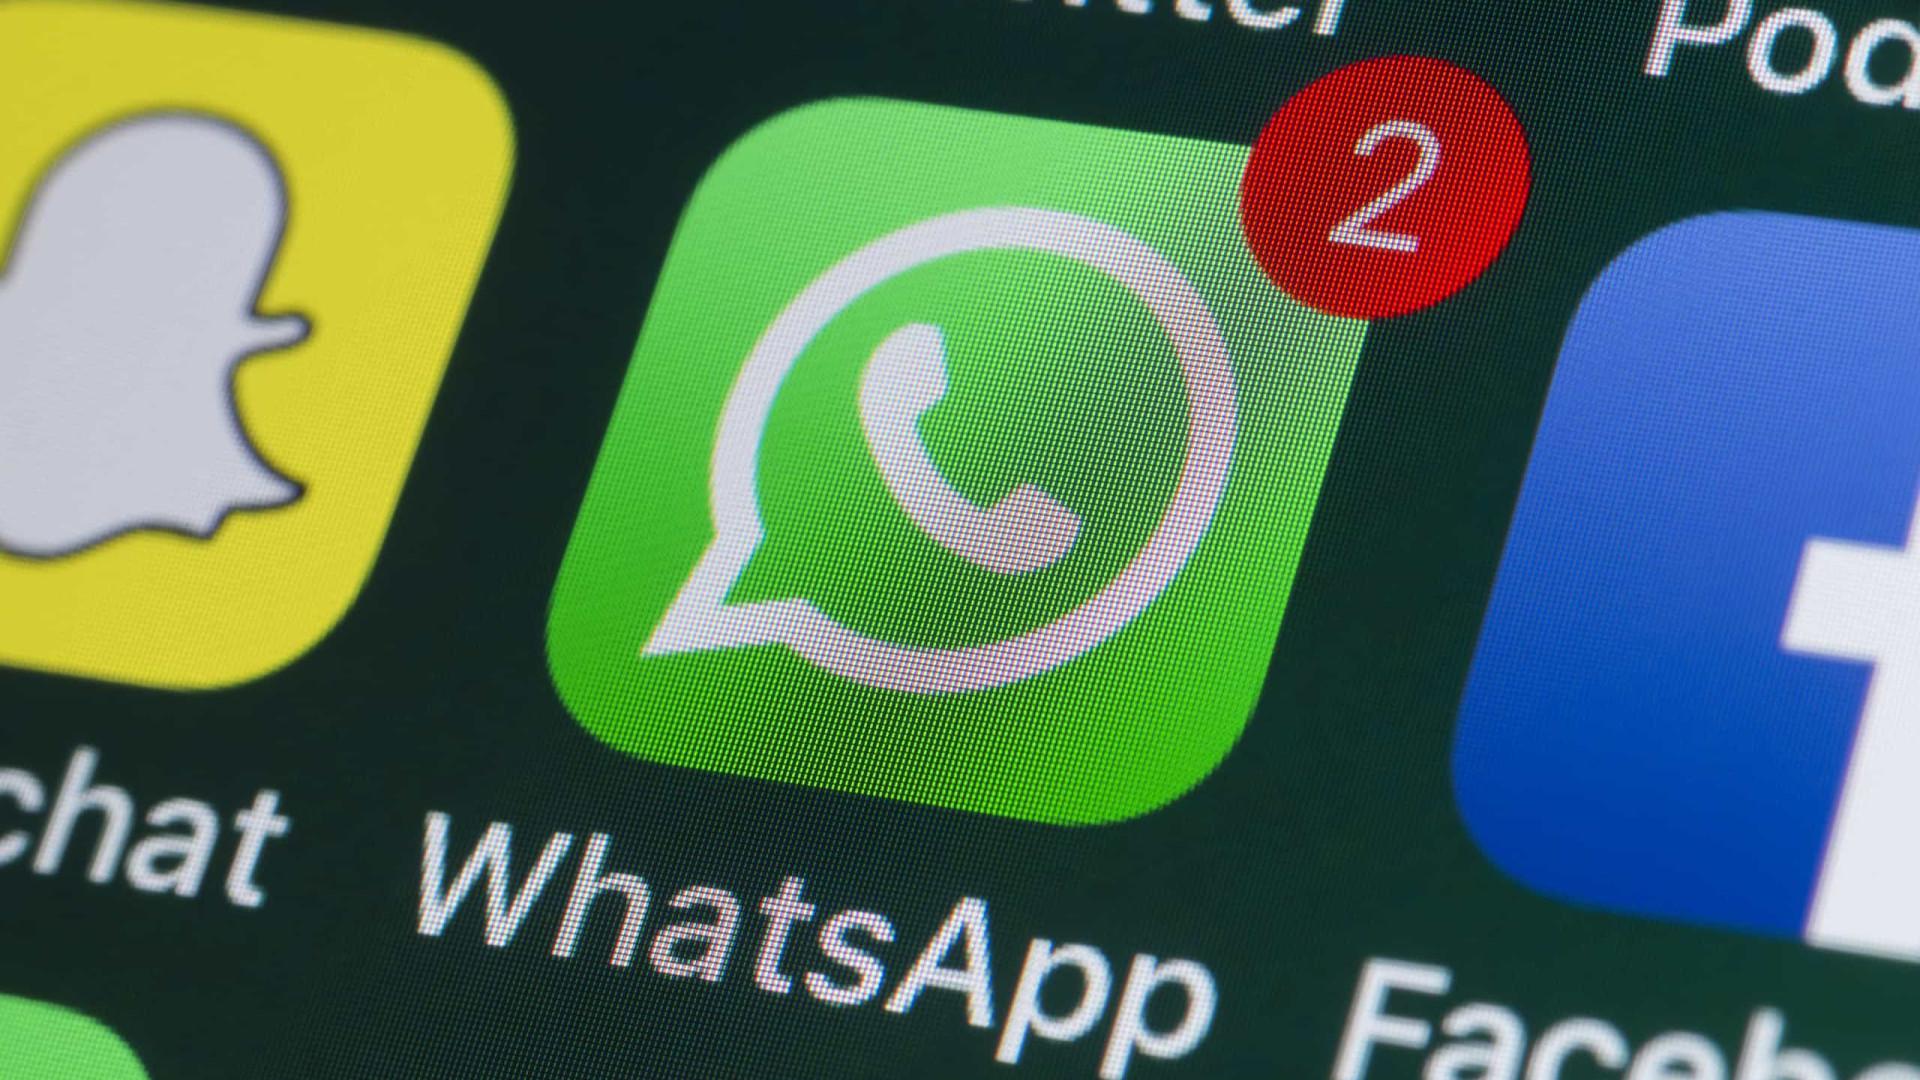 Será mais fácil usar o WhatsApp com assistente da Google